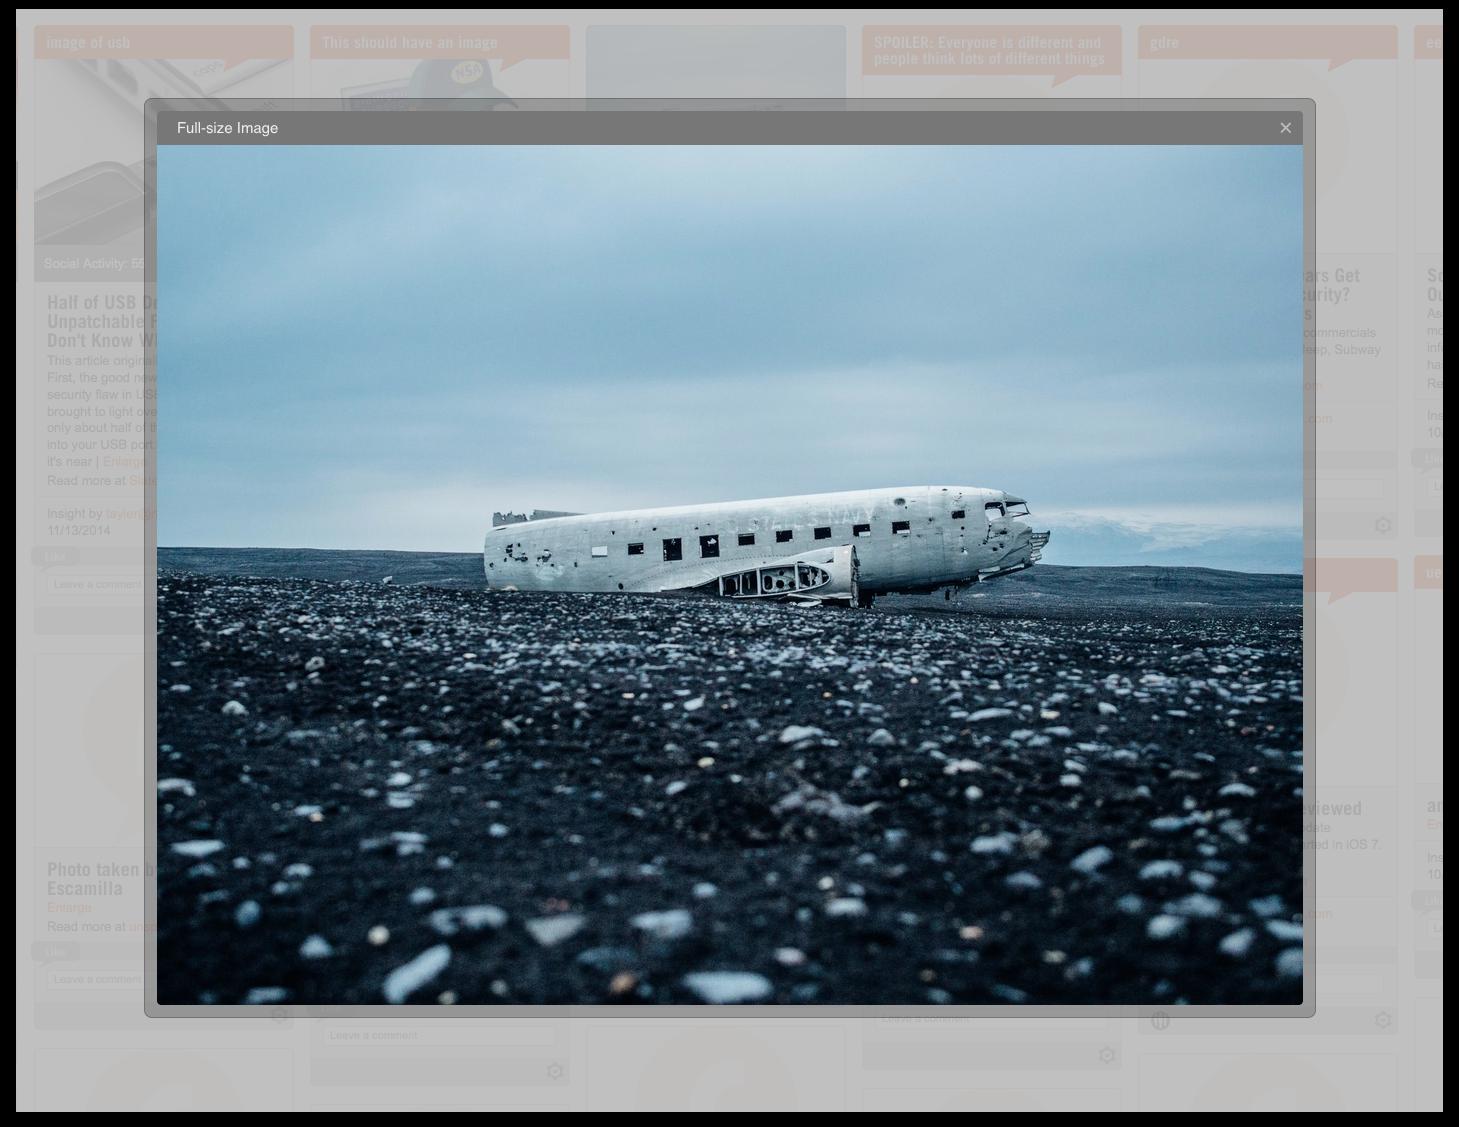 enlarged images on platform